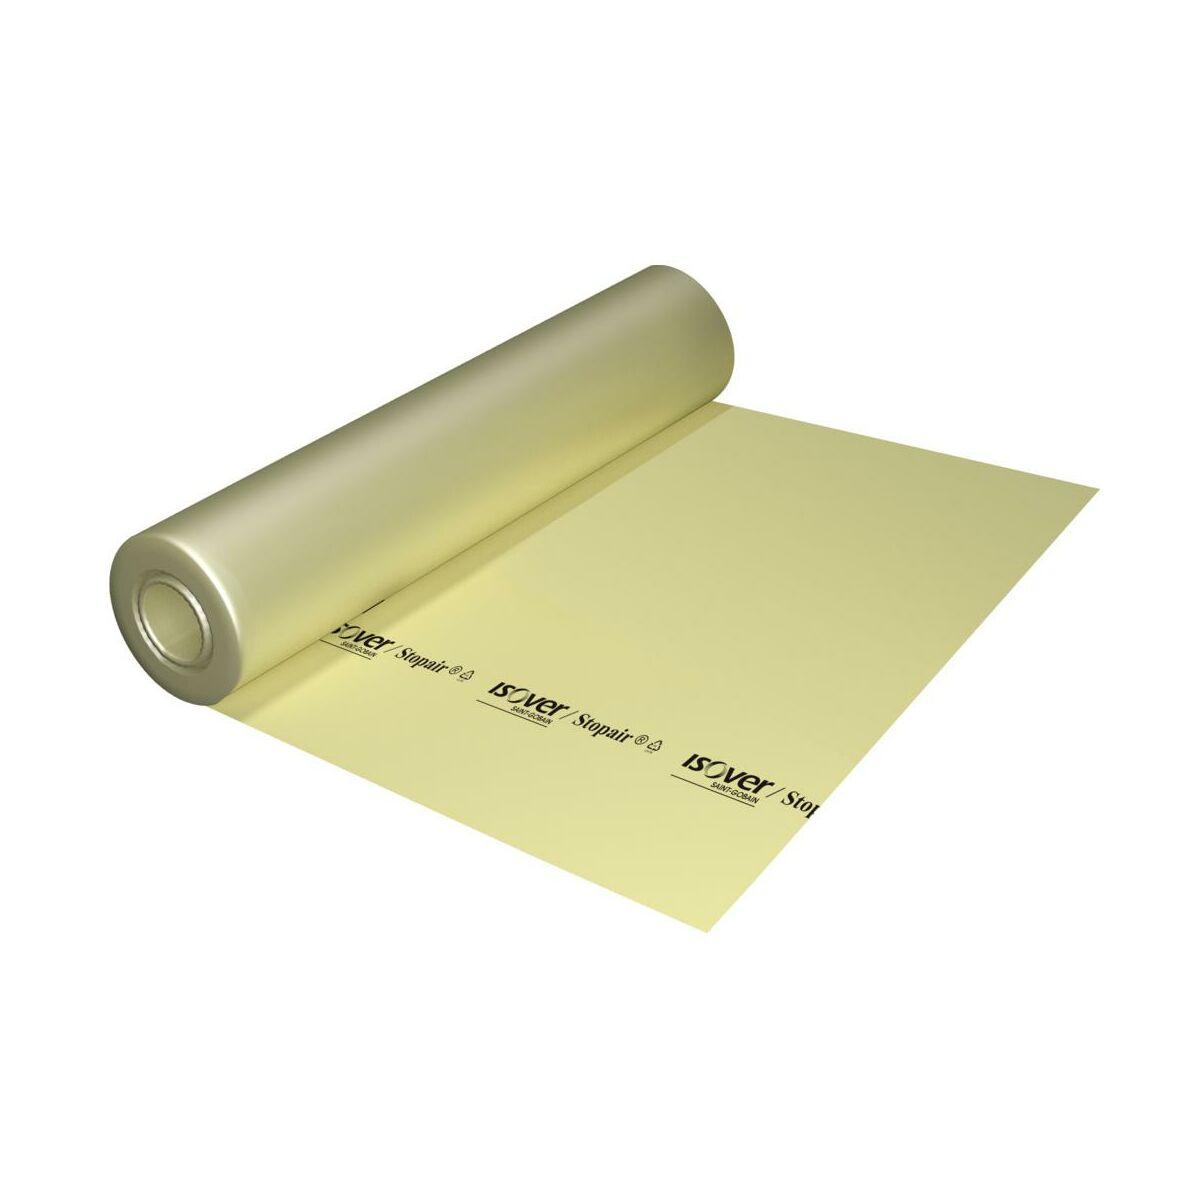 Membrana Dachowa Stopair 0 2 Mm Isover Folie I Akcesoria Paroprzepuszczalne W Atrakcyjnej Cenie W Sklepach Leroy Merlin